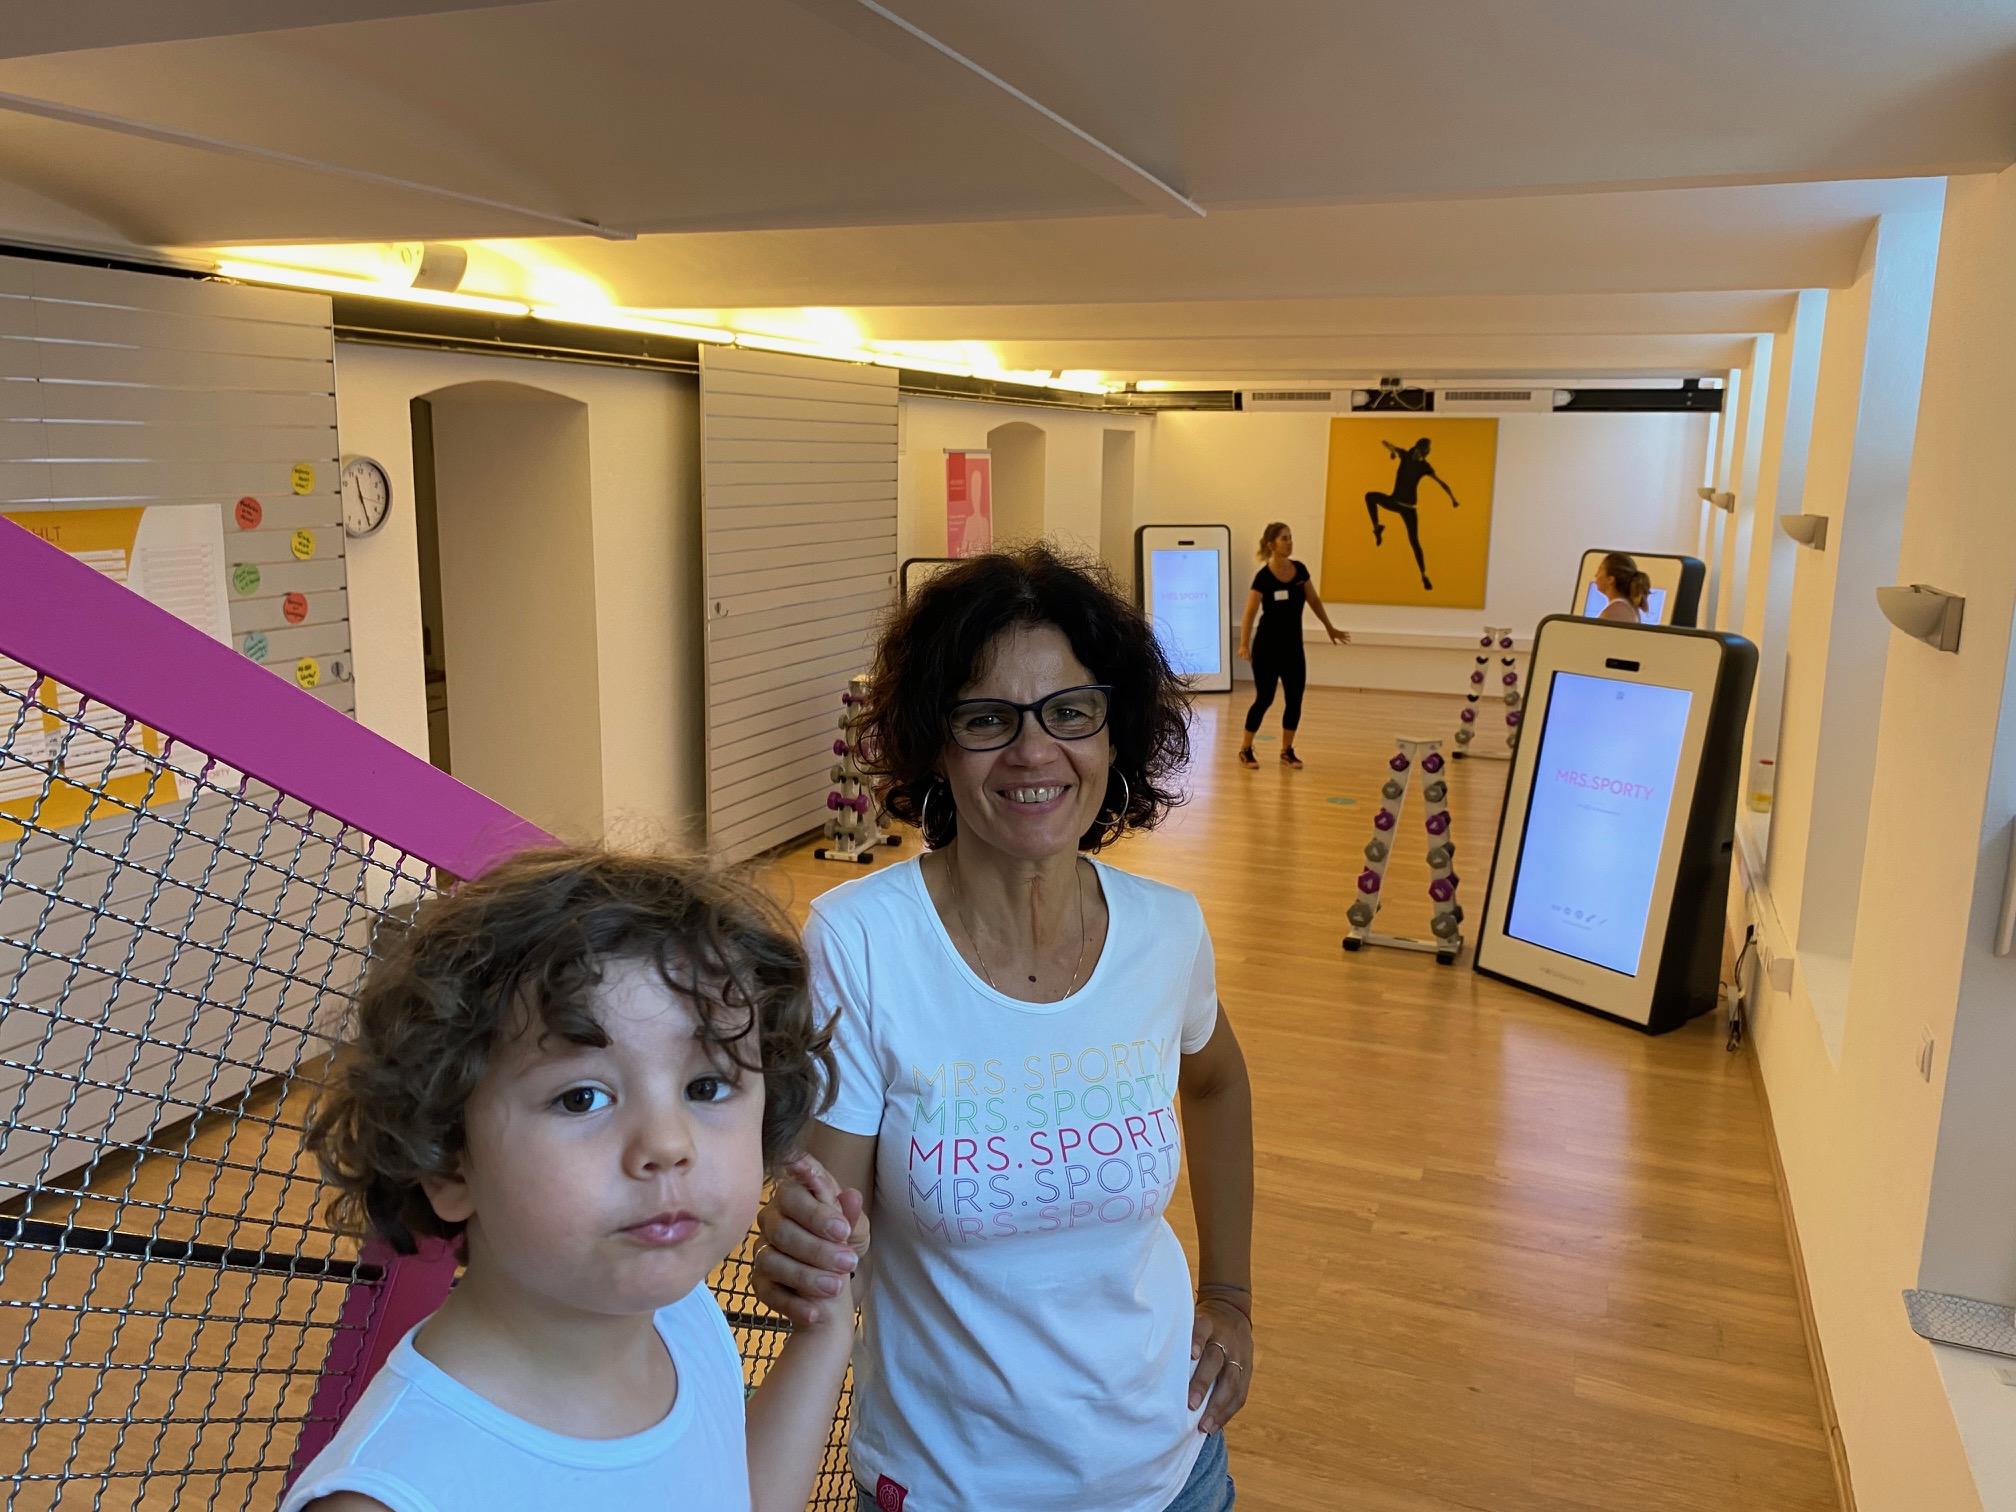 Mrs. Sporty - mehr als ein Fitness-Studio - Matznerviertel